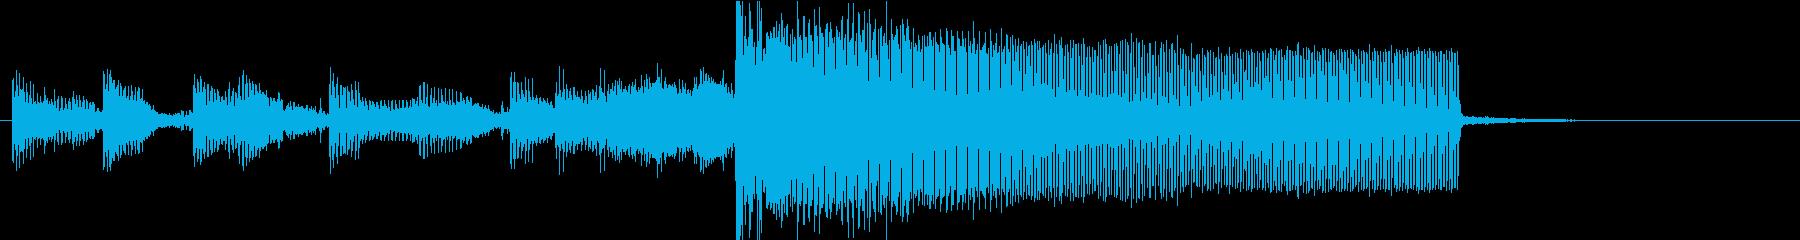 残忍なドラム、大音量のエレクトリッ...の再生済みの波形